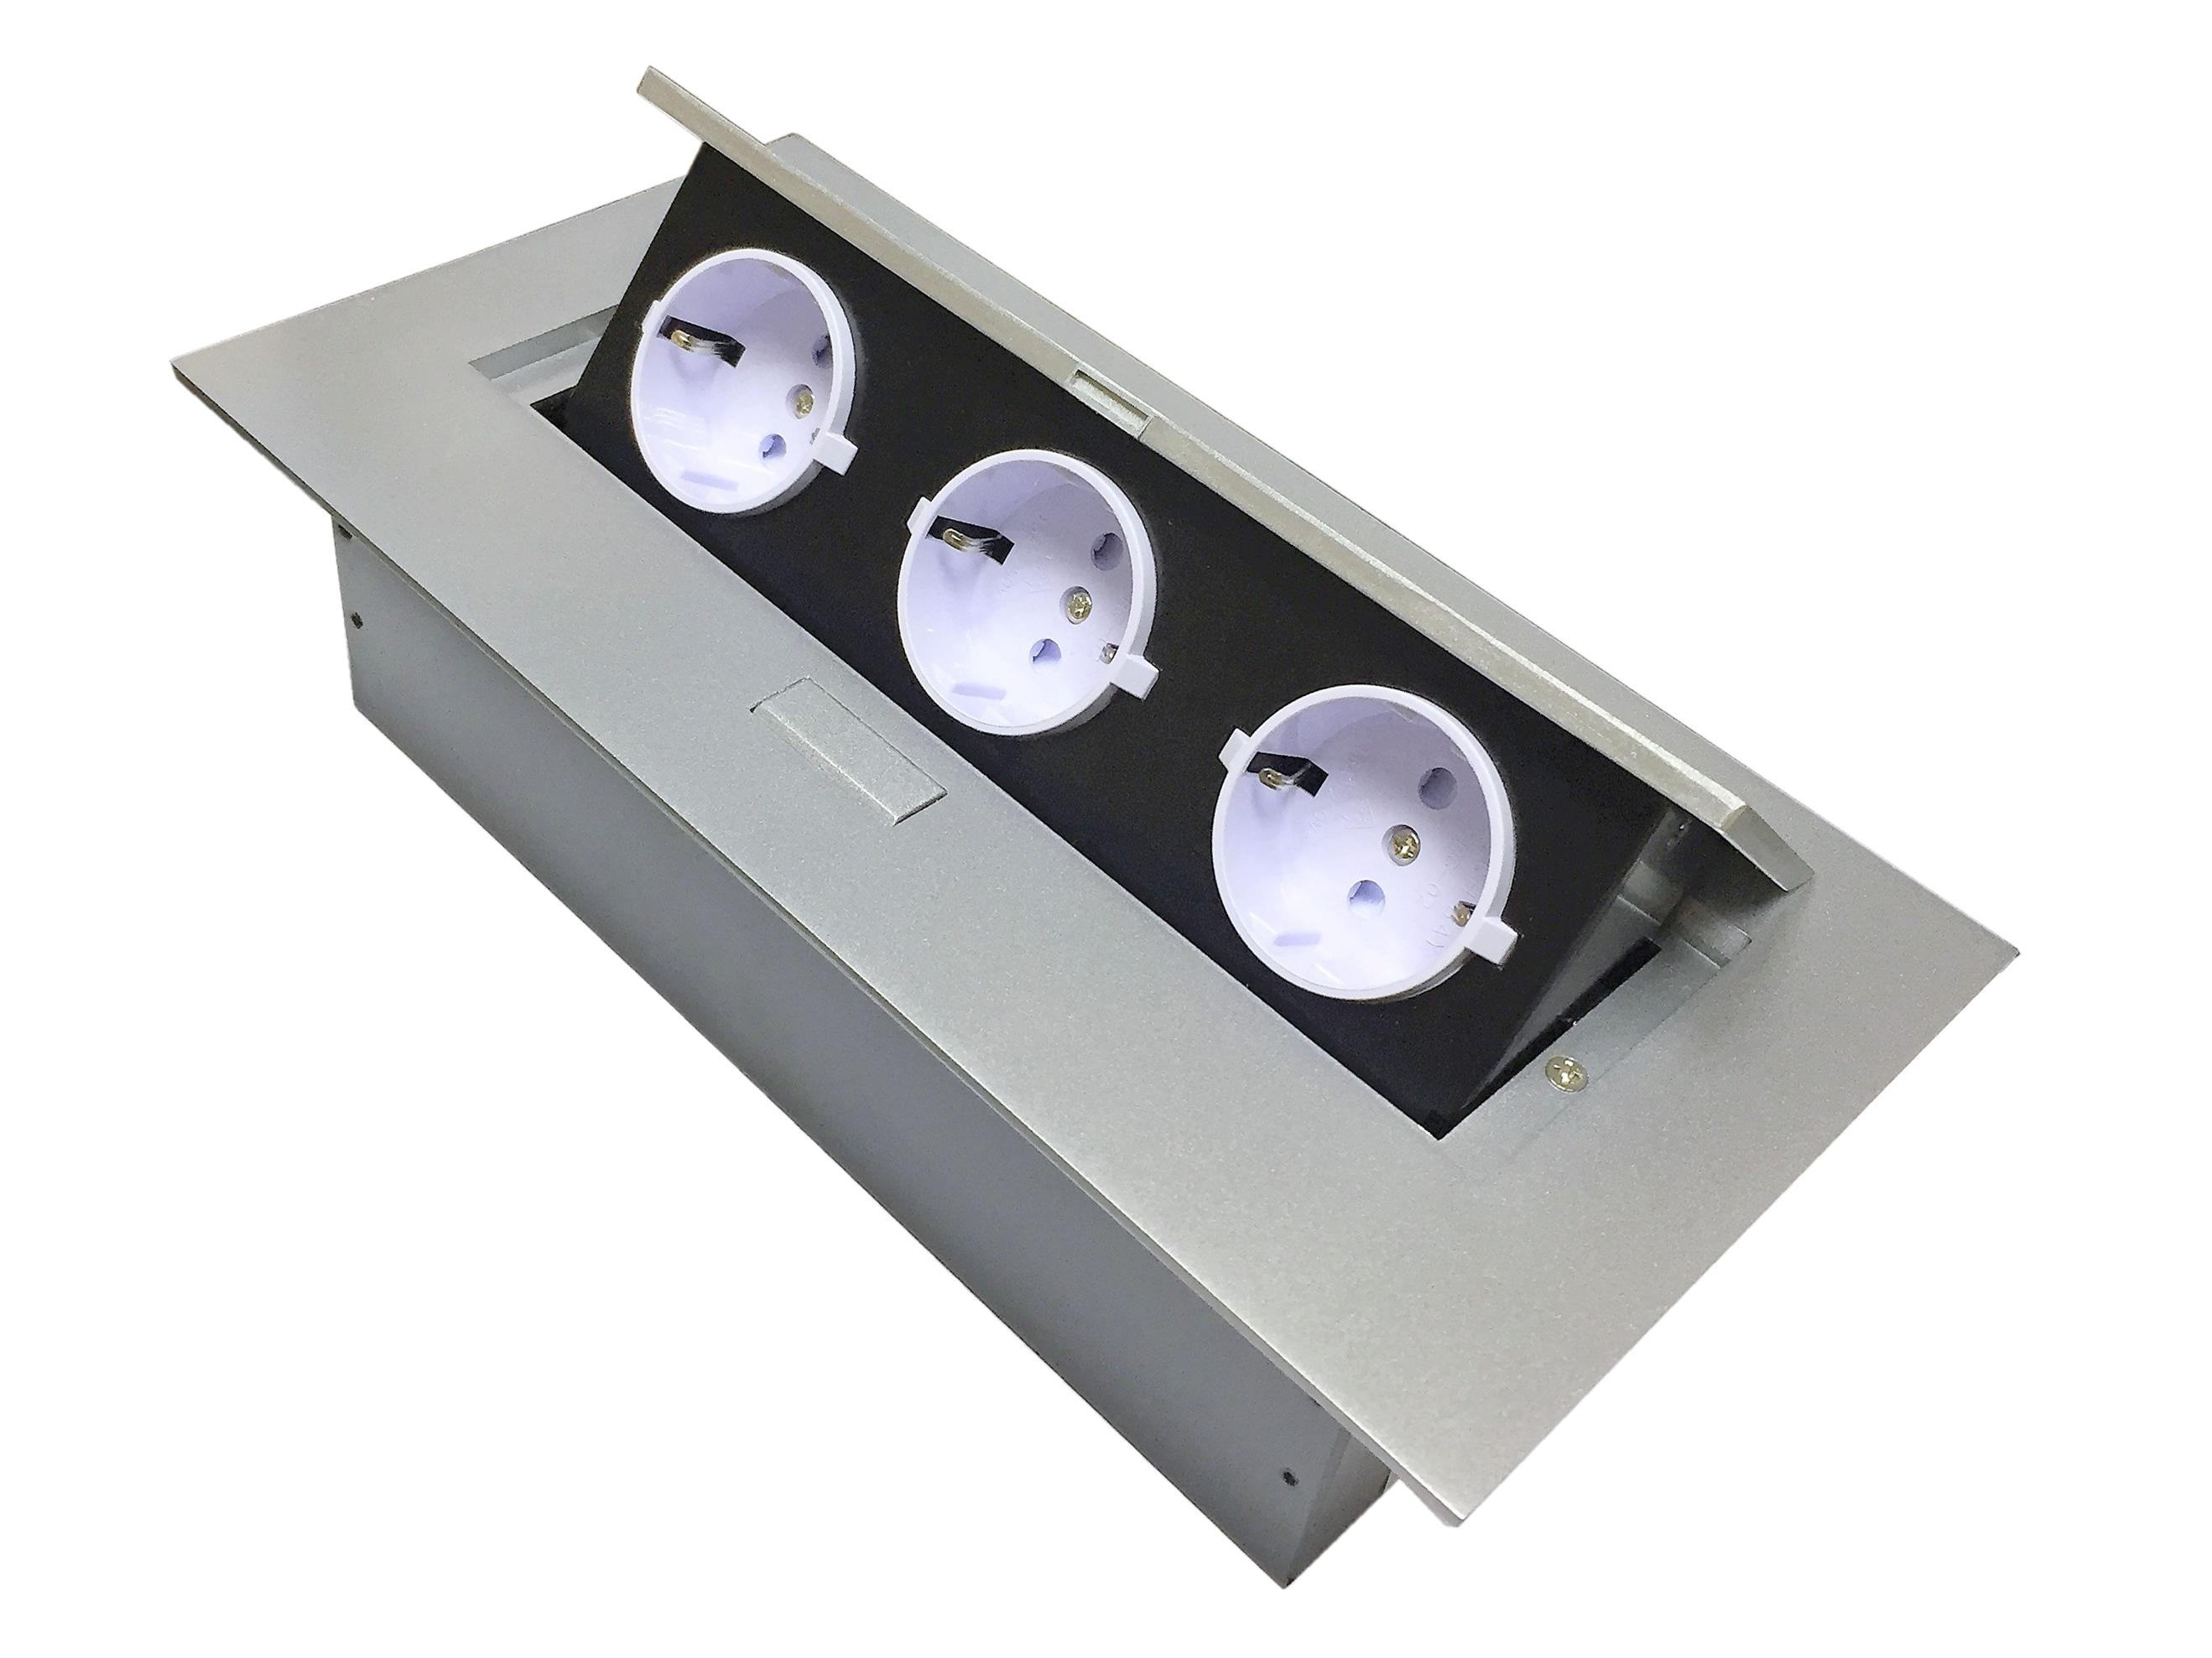 Удлинитель горизонтальный для офиса, 3 гнезда EURO серебро, кабель 2м 266*130*68мм